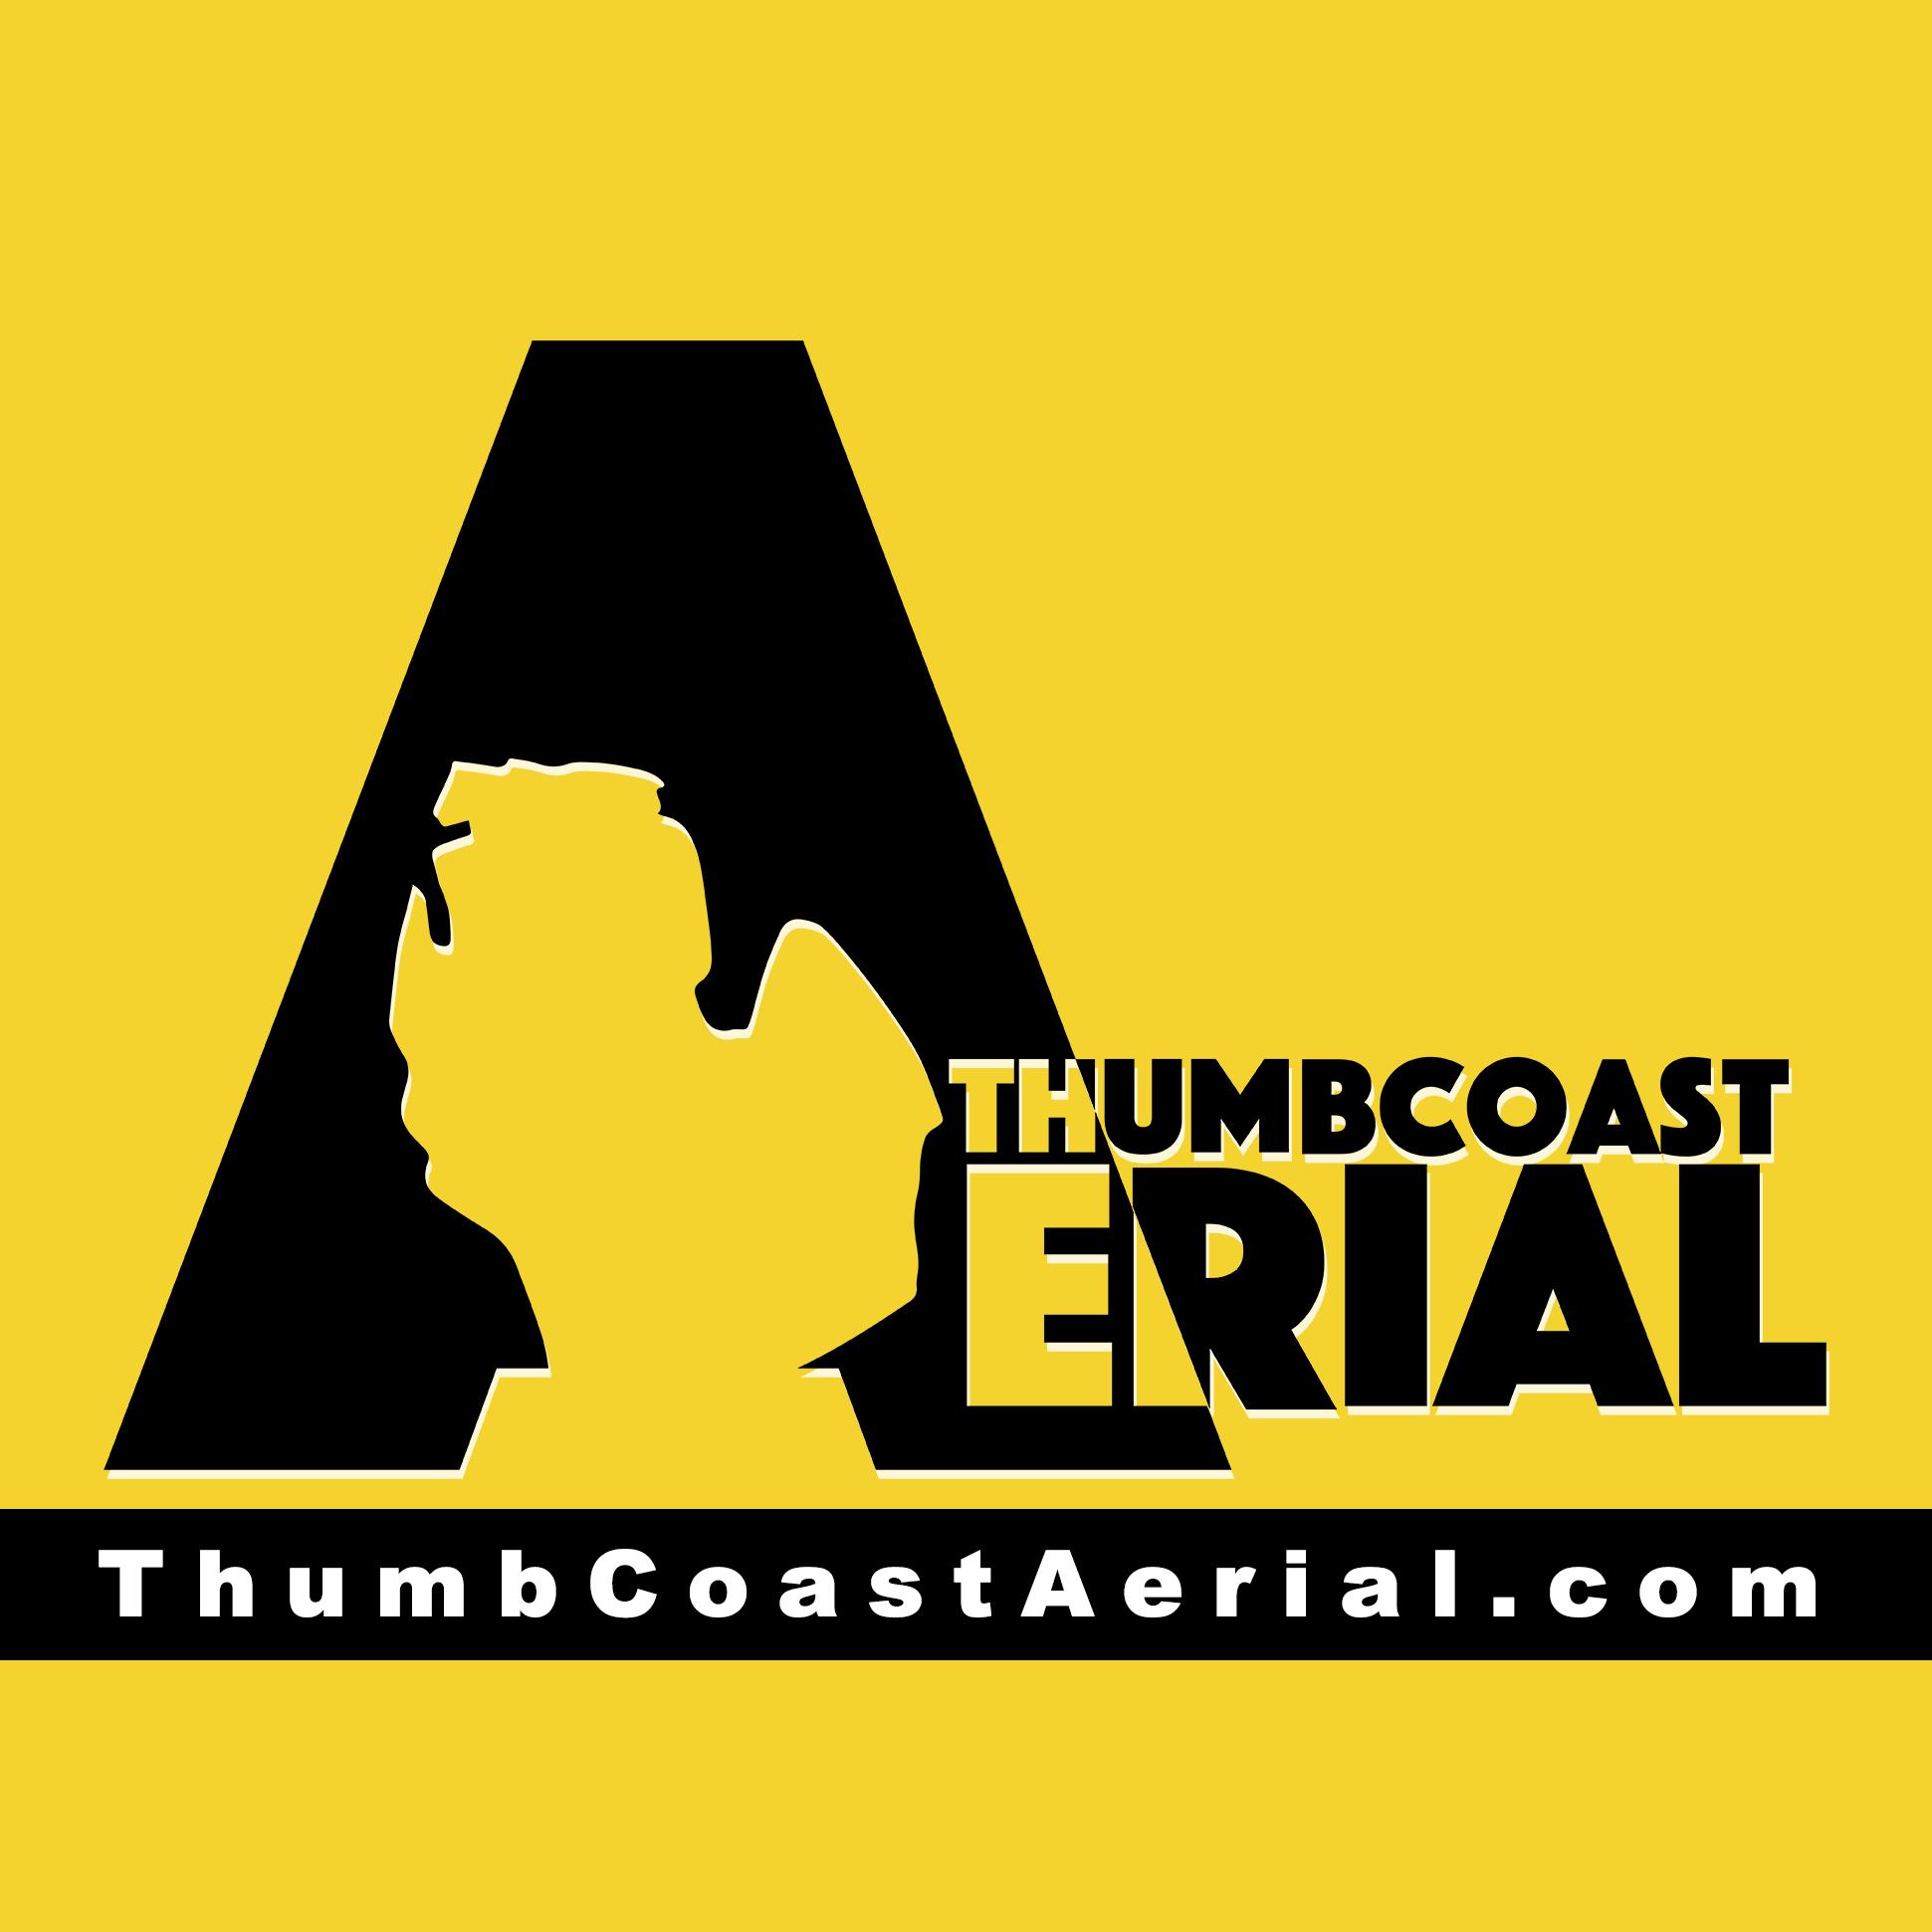 thumbcoast aerial